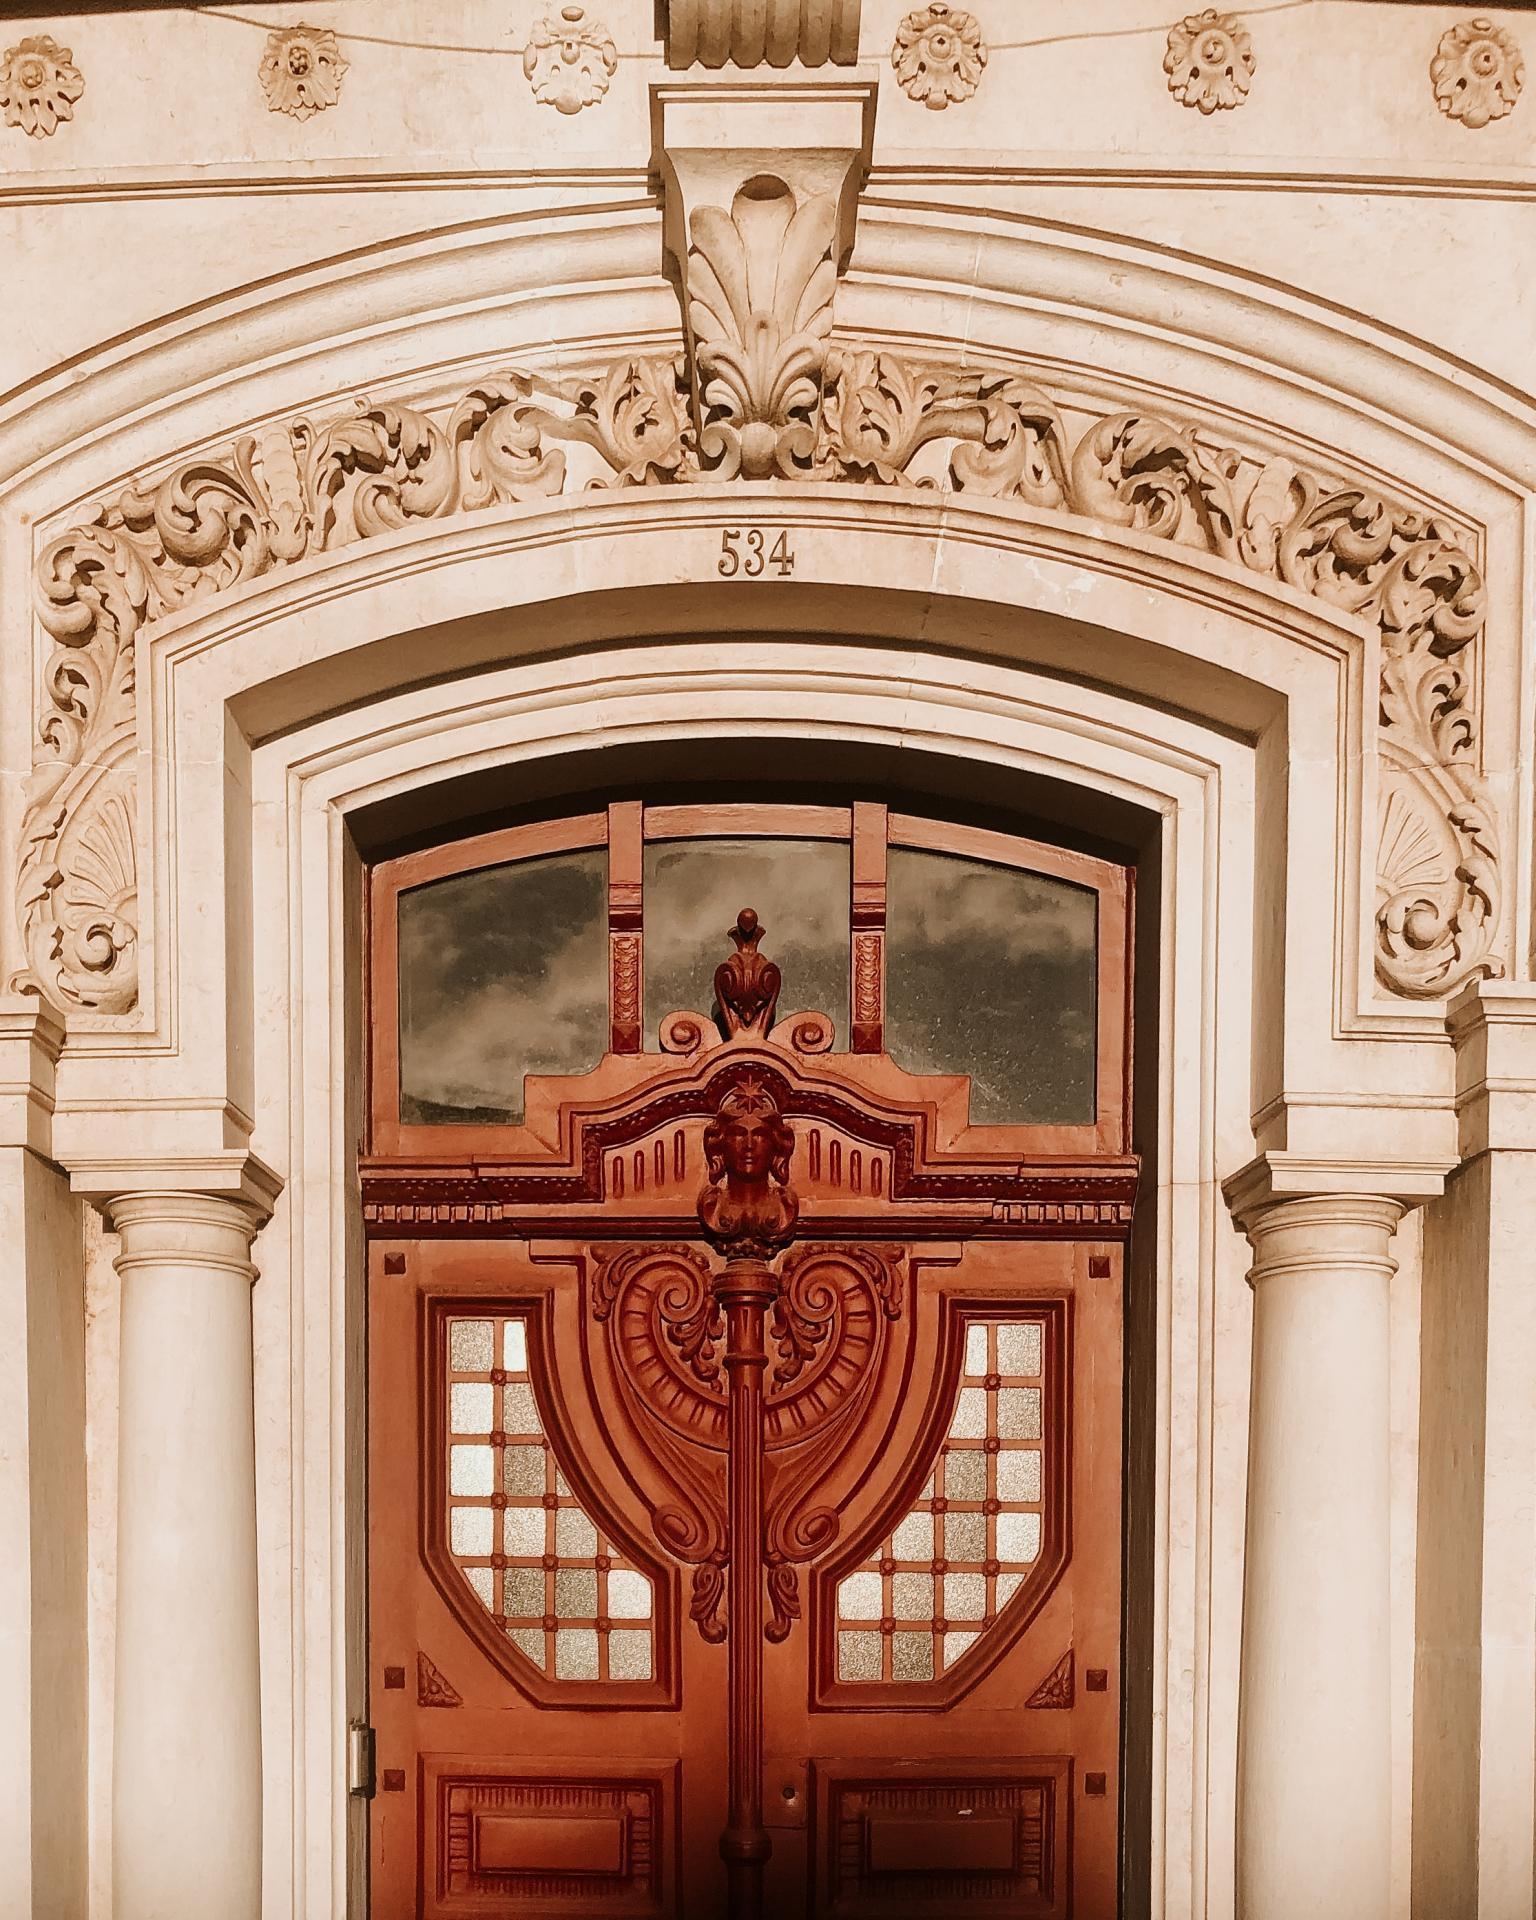 Uma das fotos do projecto OLHO. Foto de porta de entrada de prédio em Belém